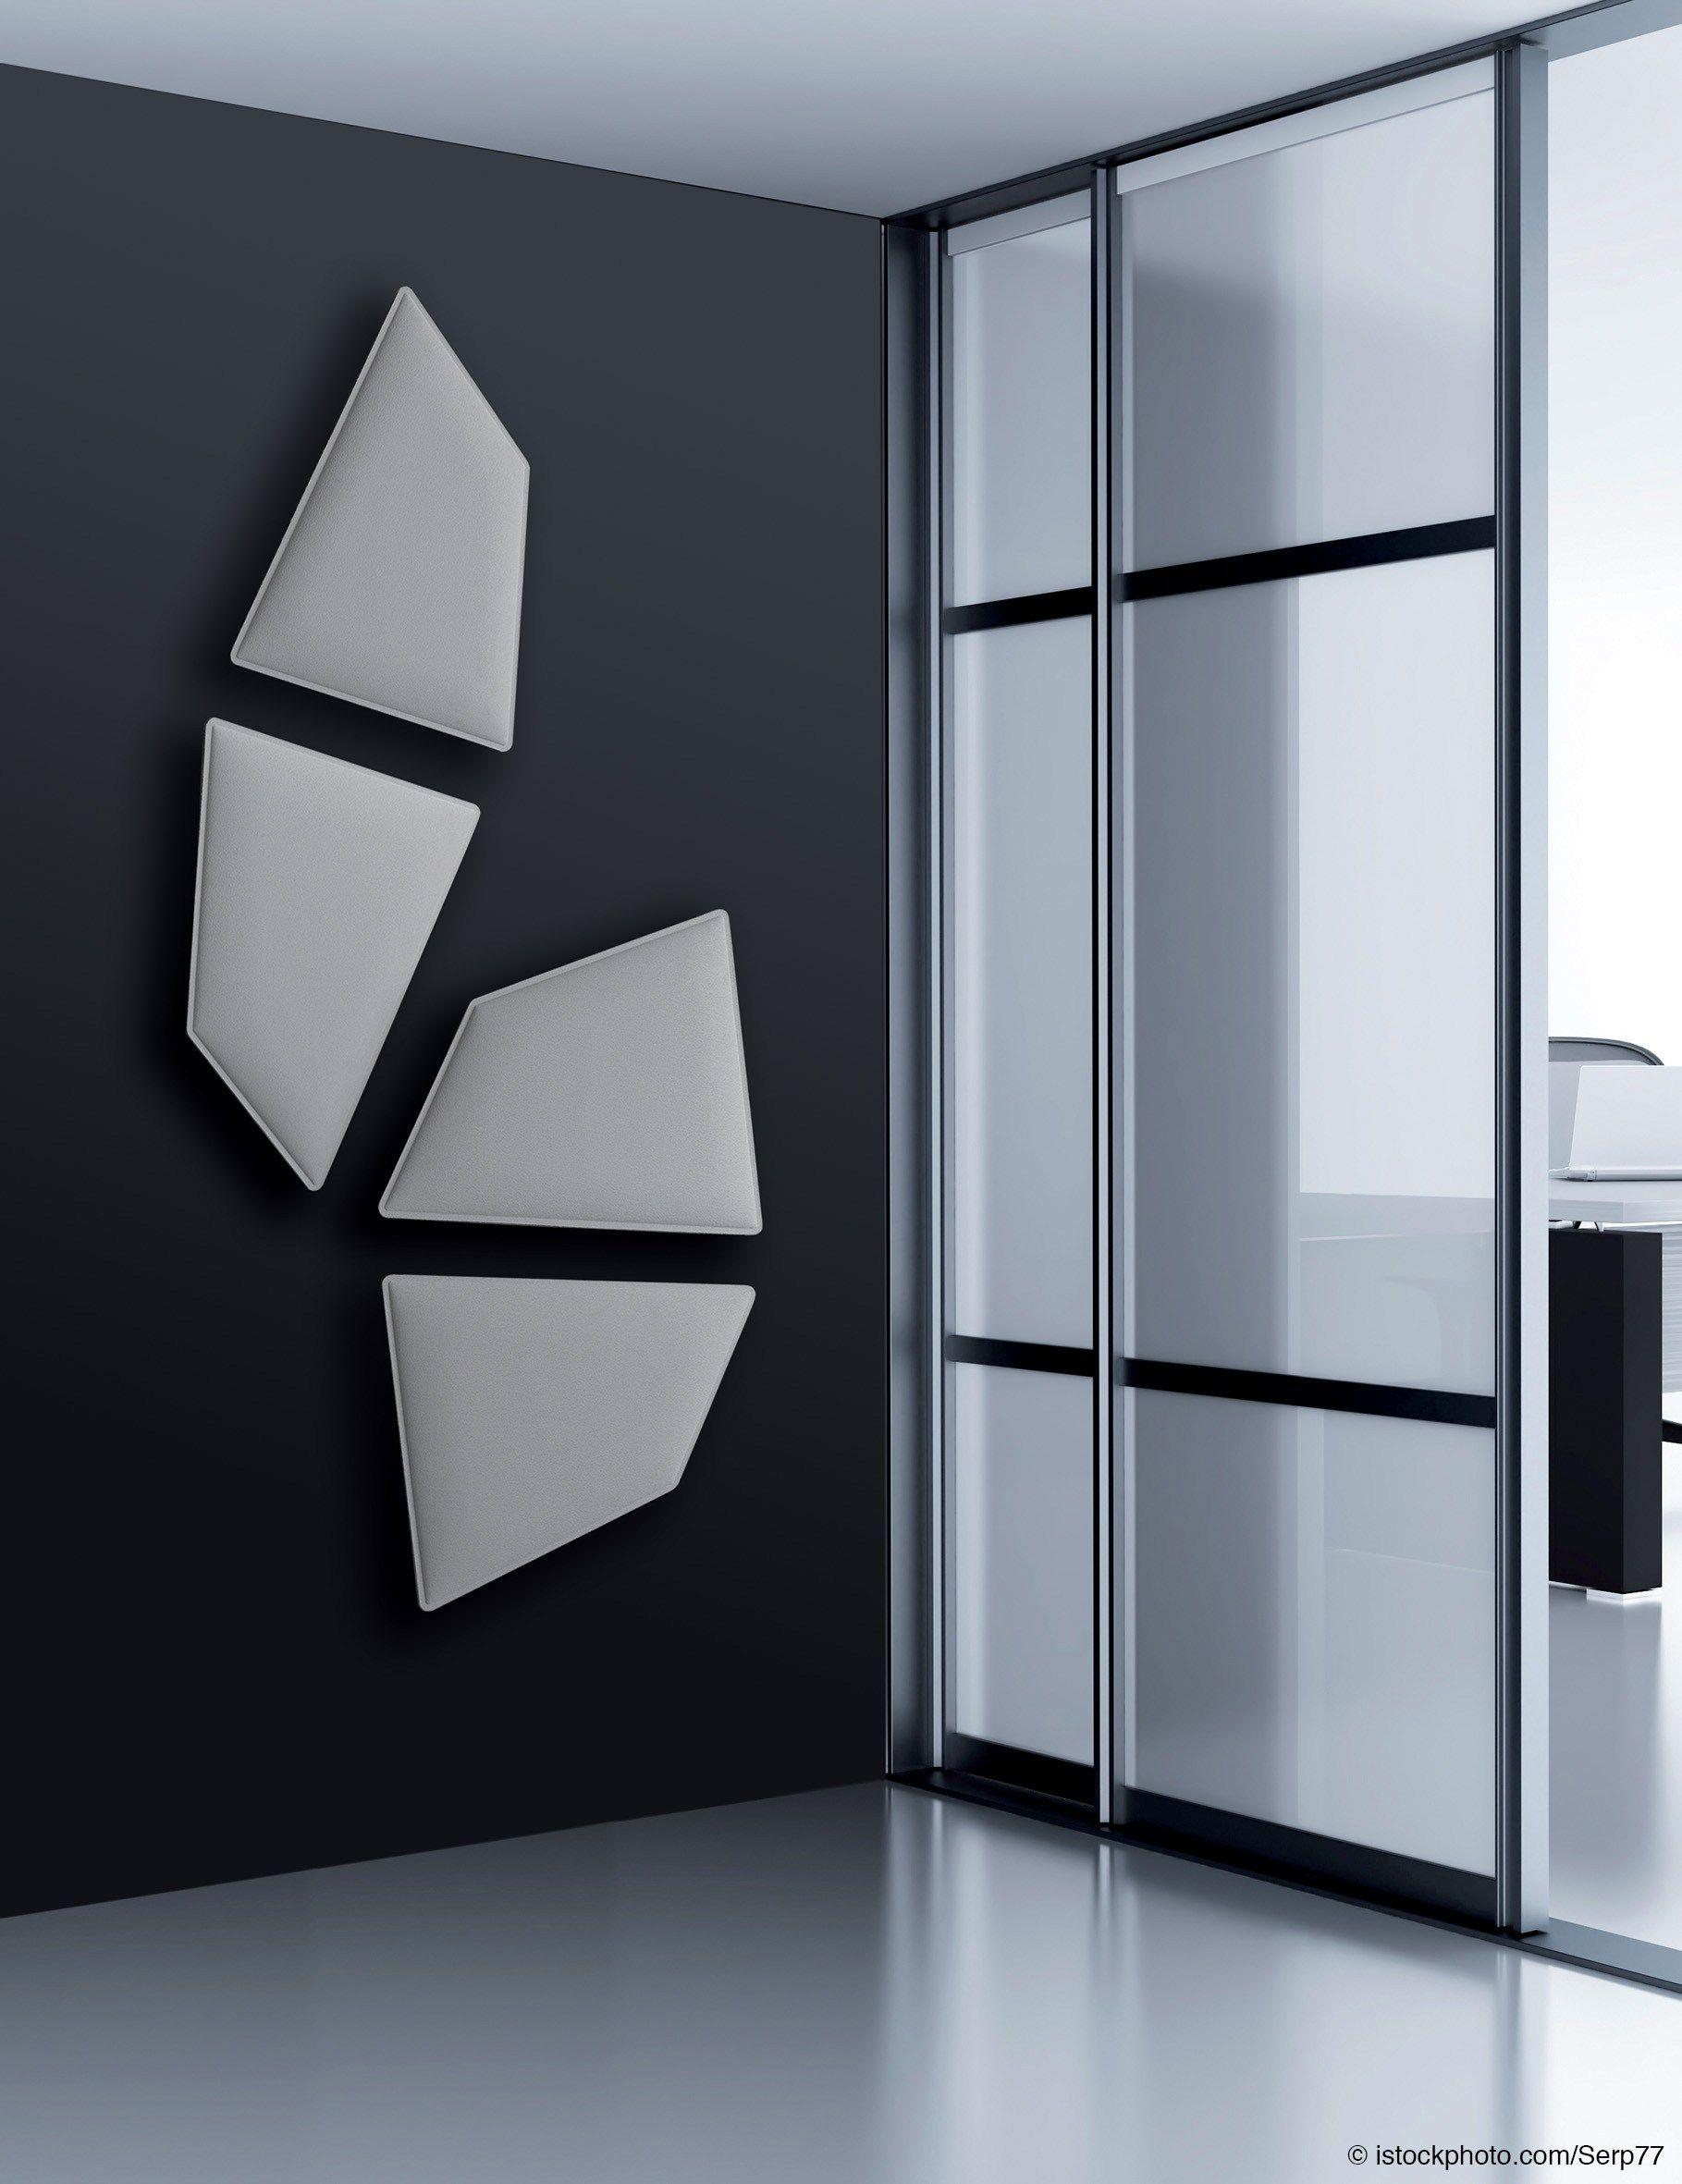 Pannelli decorativi acustici FLAP by Caimi Brevetti design Alberto ...